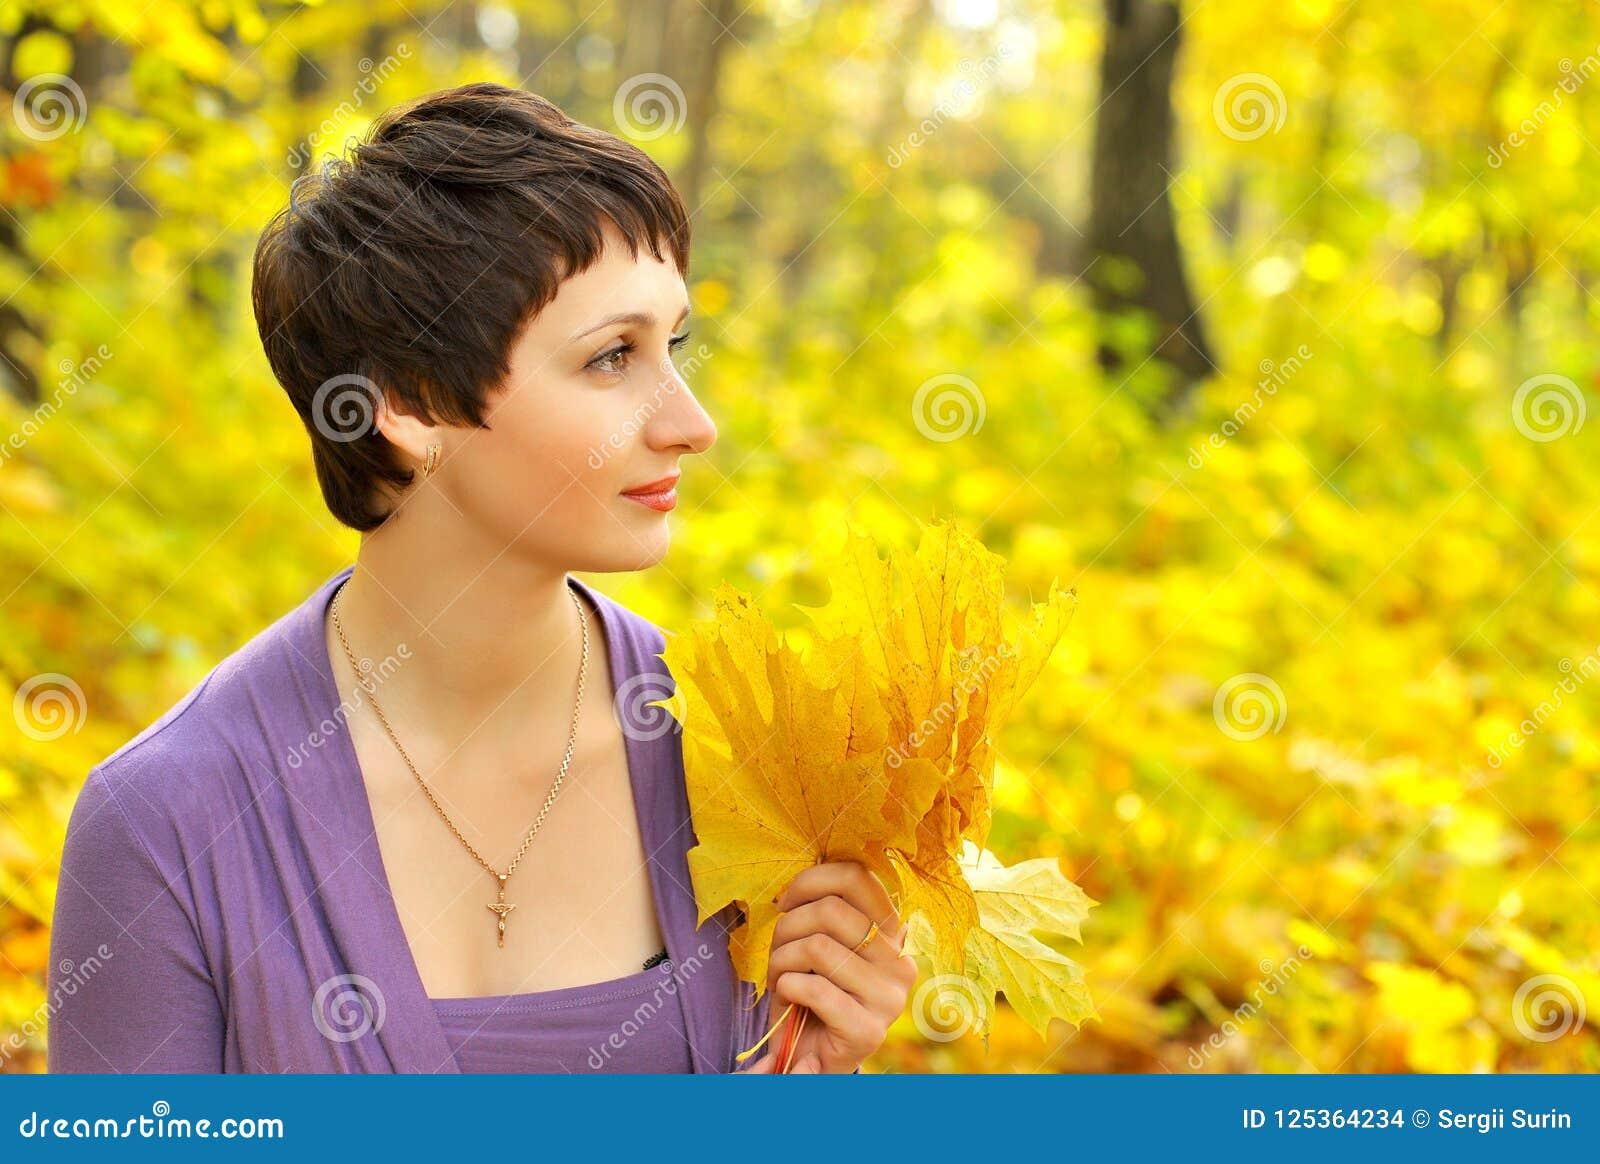 Kvinnan som rymmer en bukett av lönnlöv i en höst, parkerar